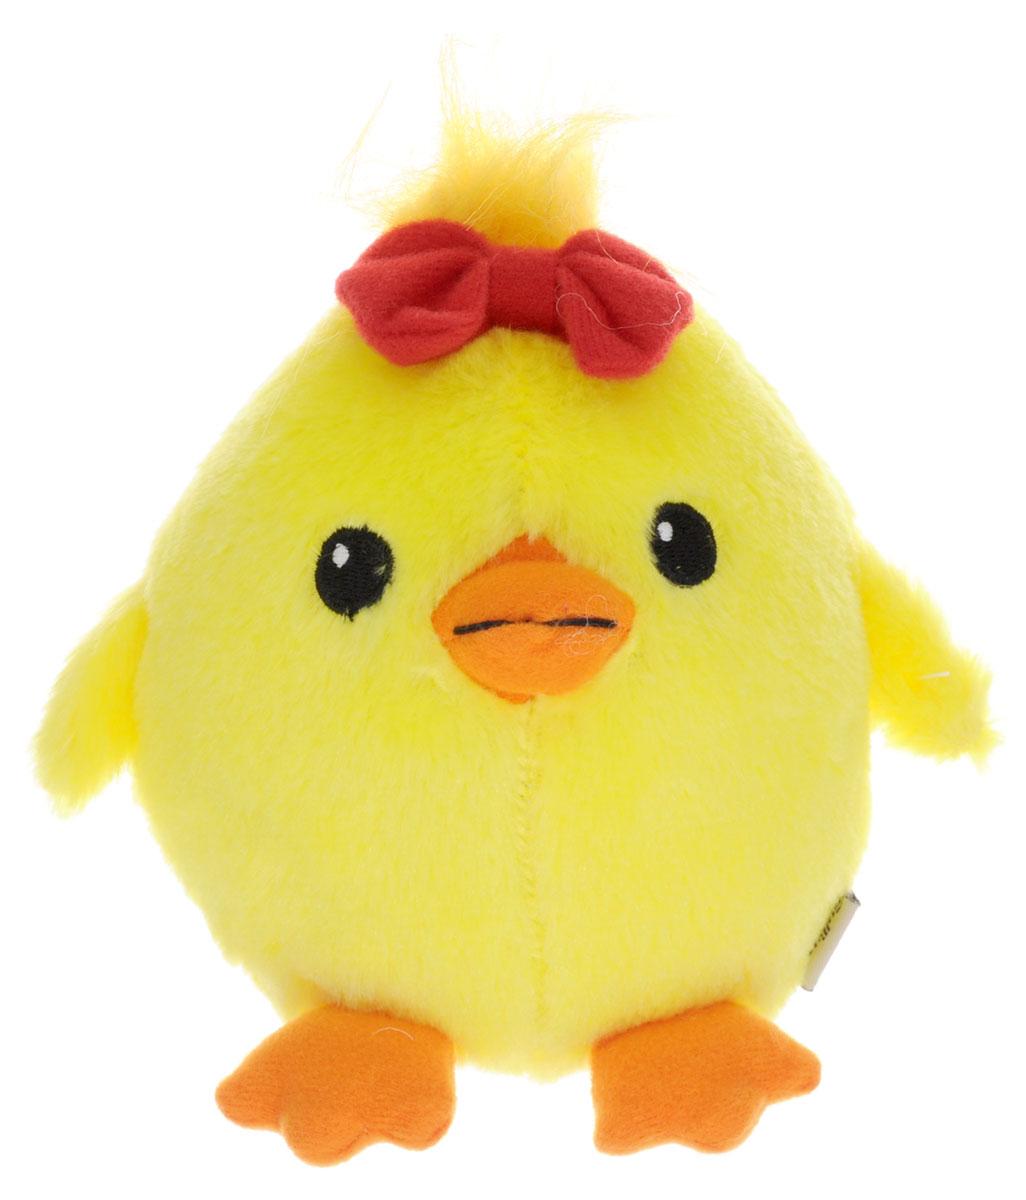 Gulliver Мягкая игрушка Цыпленок Солнышко с бантиком 12 см